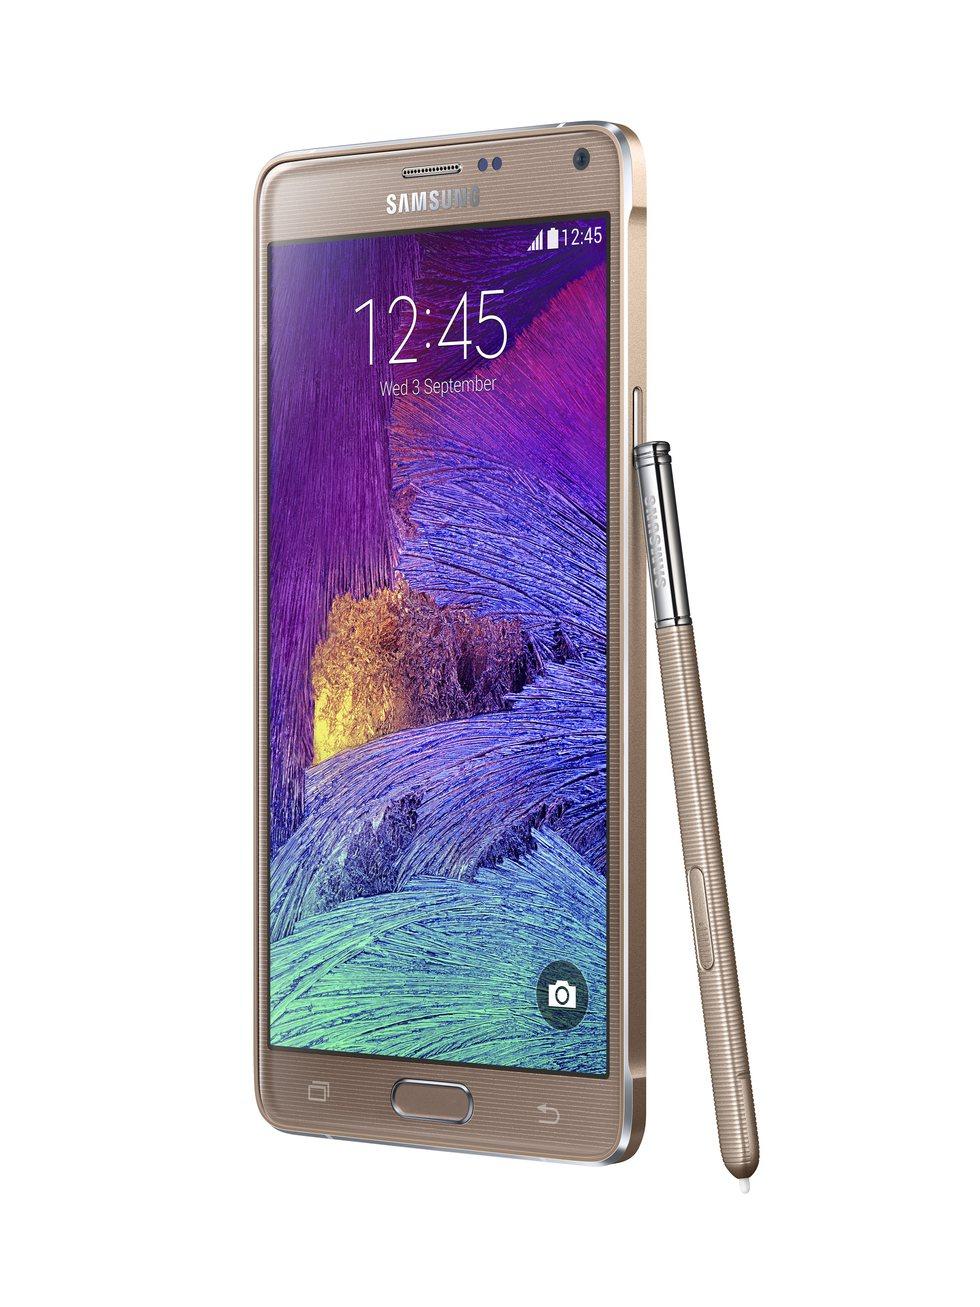 Samsung Galaxy Note 4 dorado